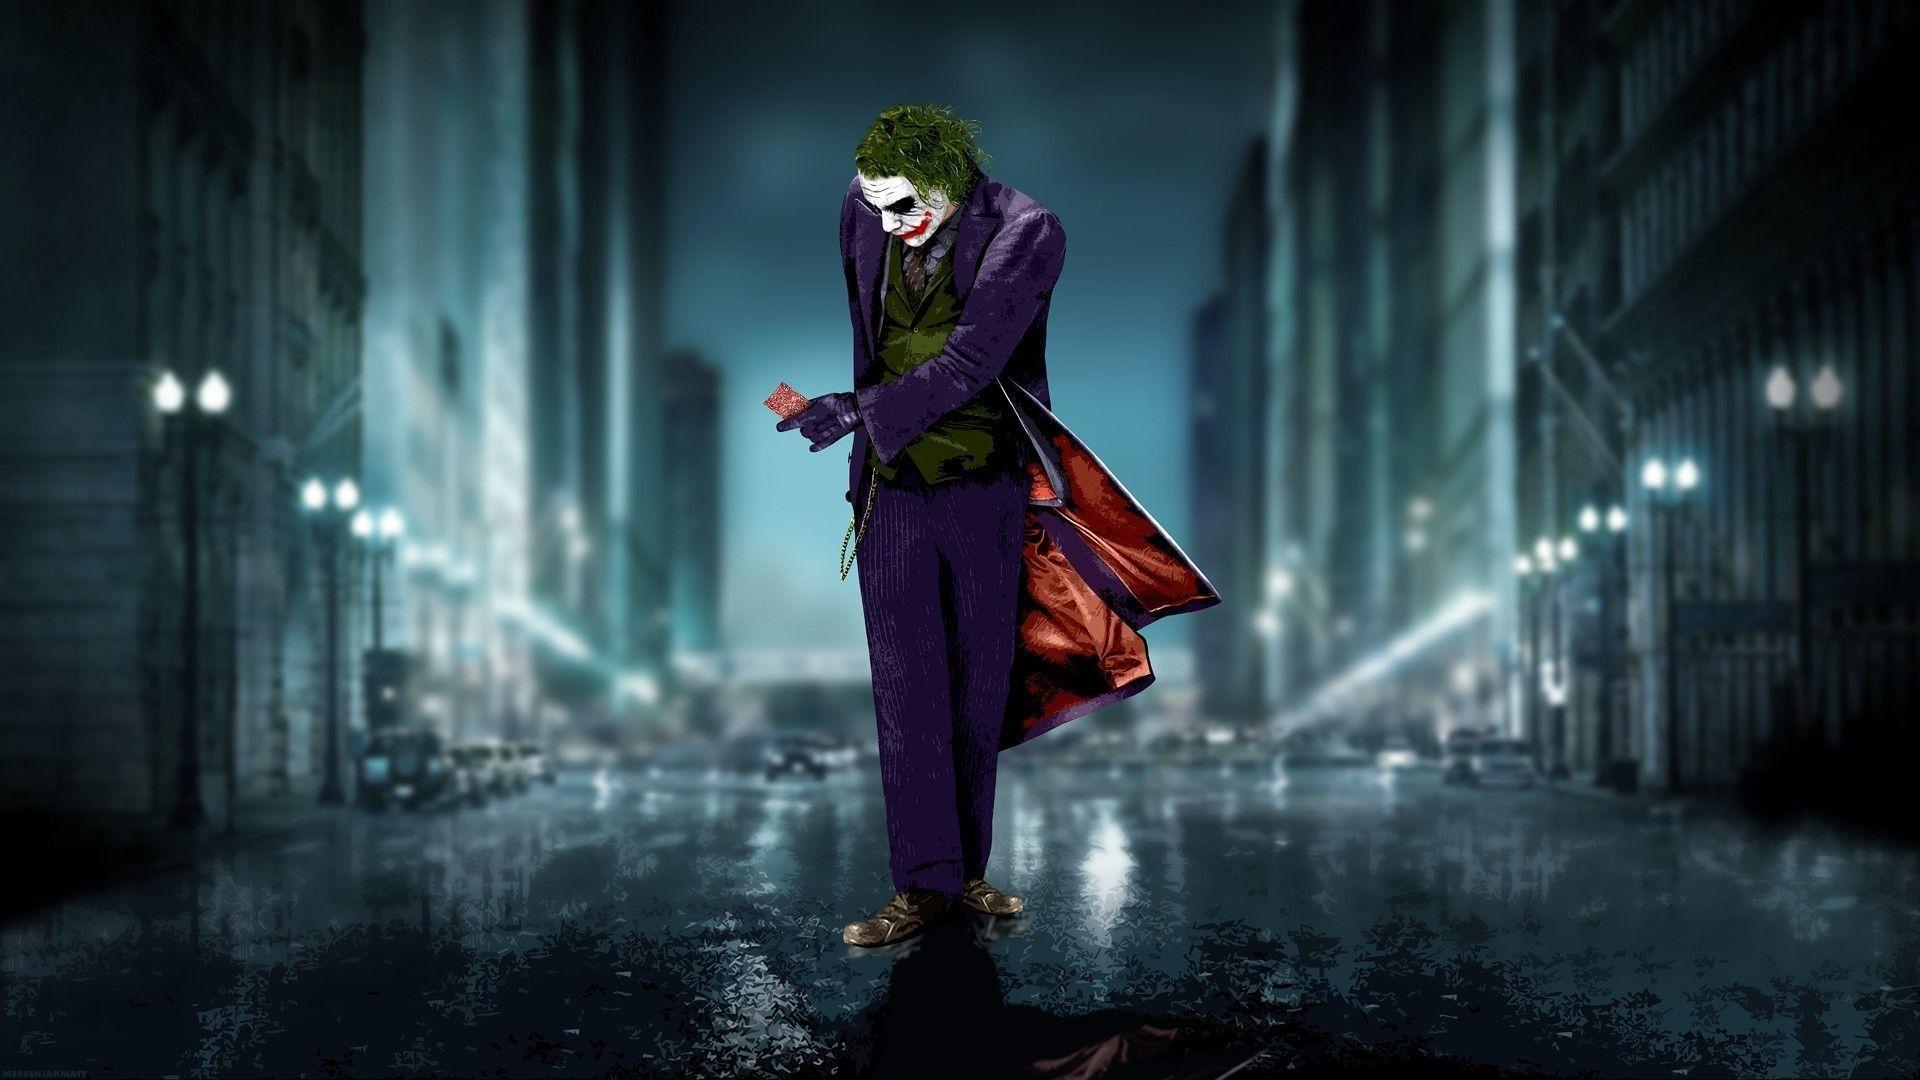 1920x1080 Joker Hd Wallpapers Backgrounds Wallpaper Joker Wallpapers Batman Joker Joker Background